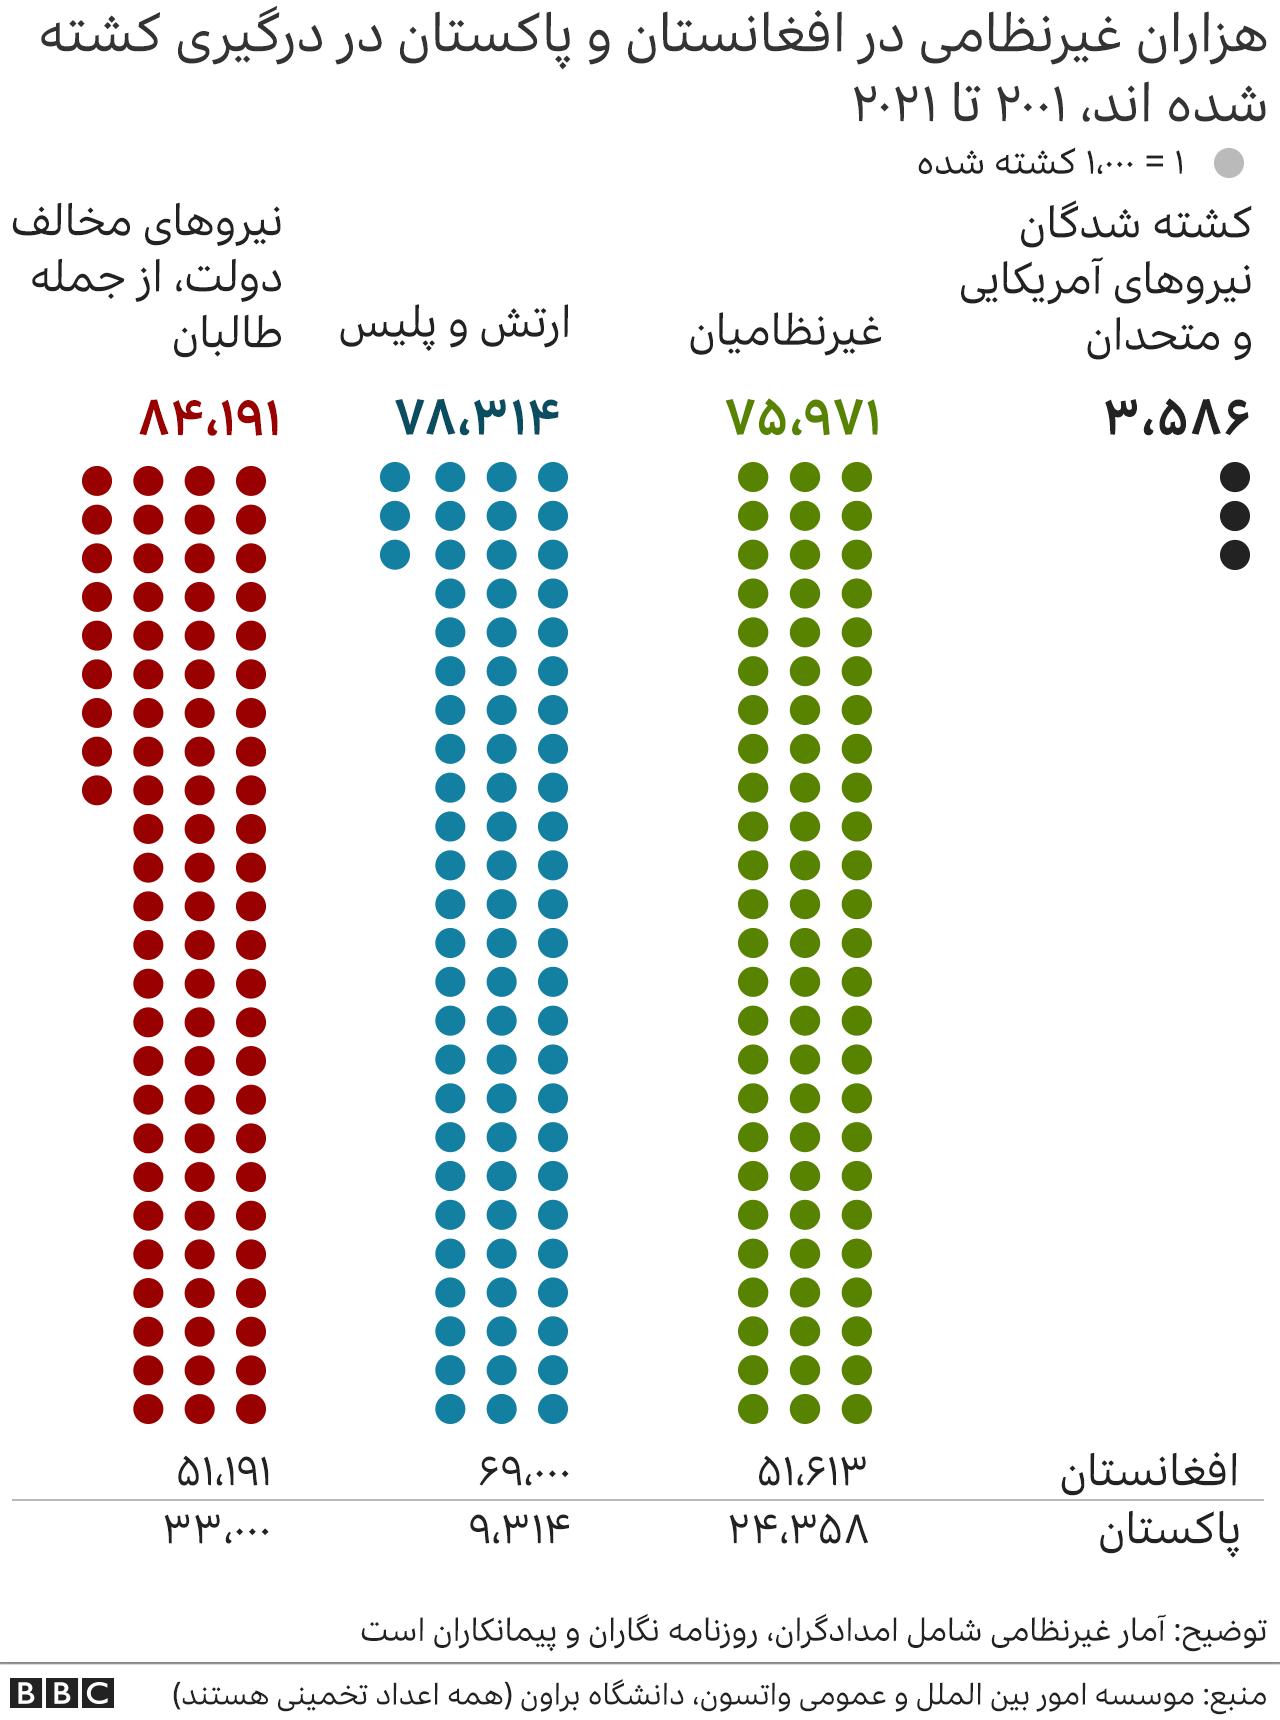 کشته شدگان در افغانستان